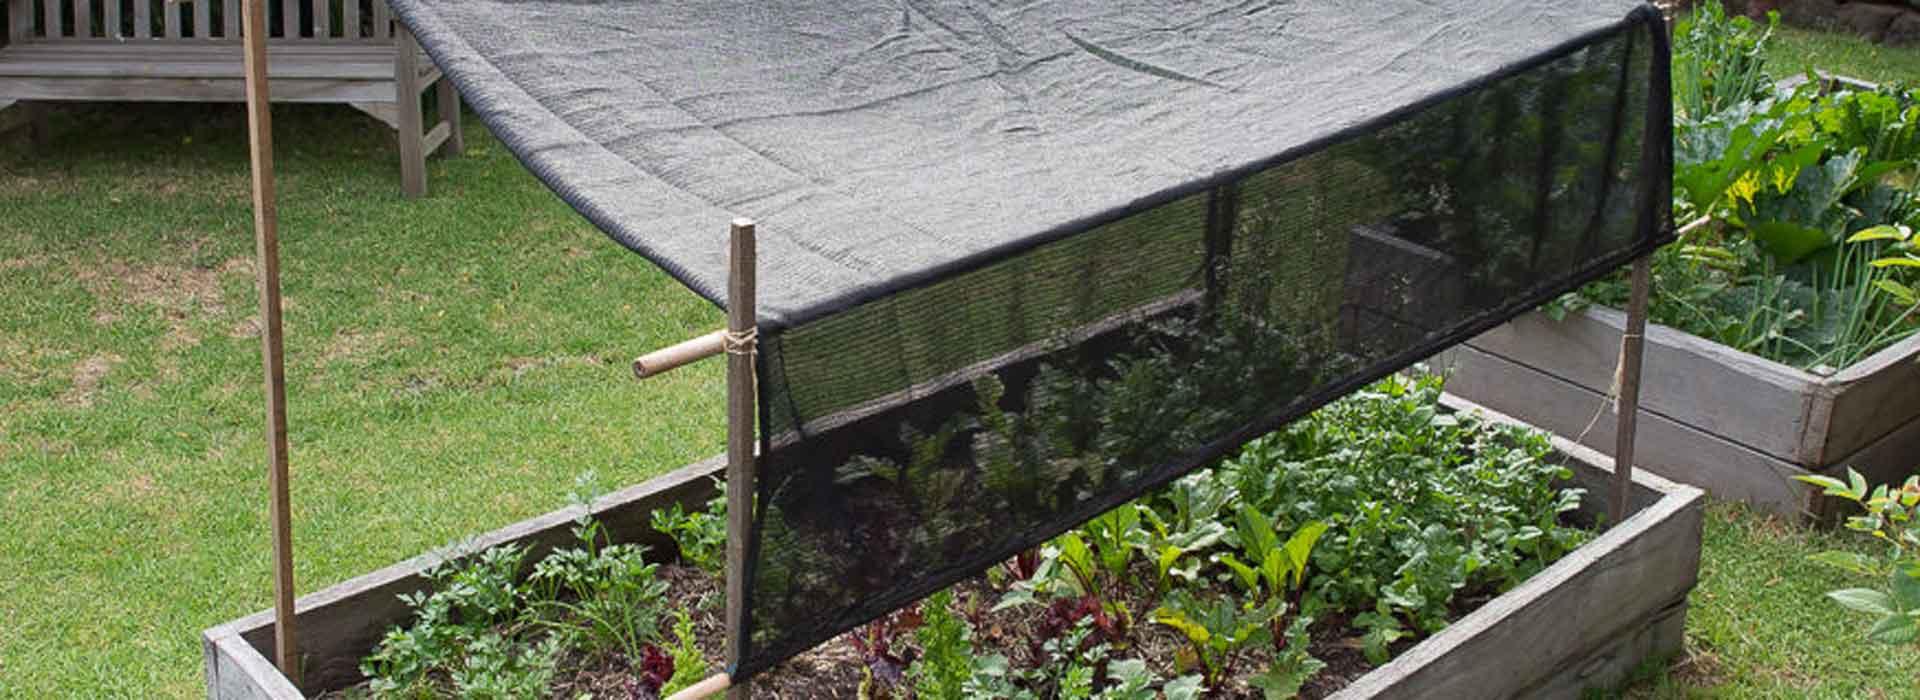 How to make garden shade | Sustainable Gardening Australia